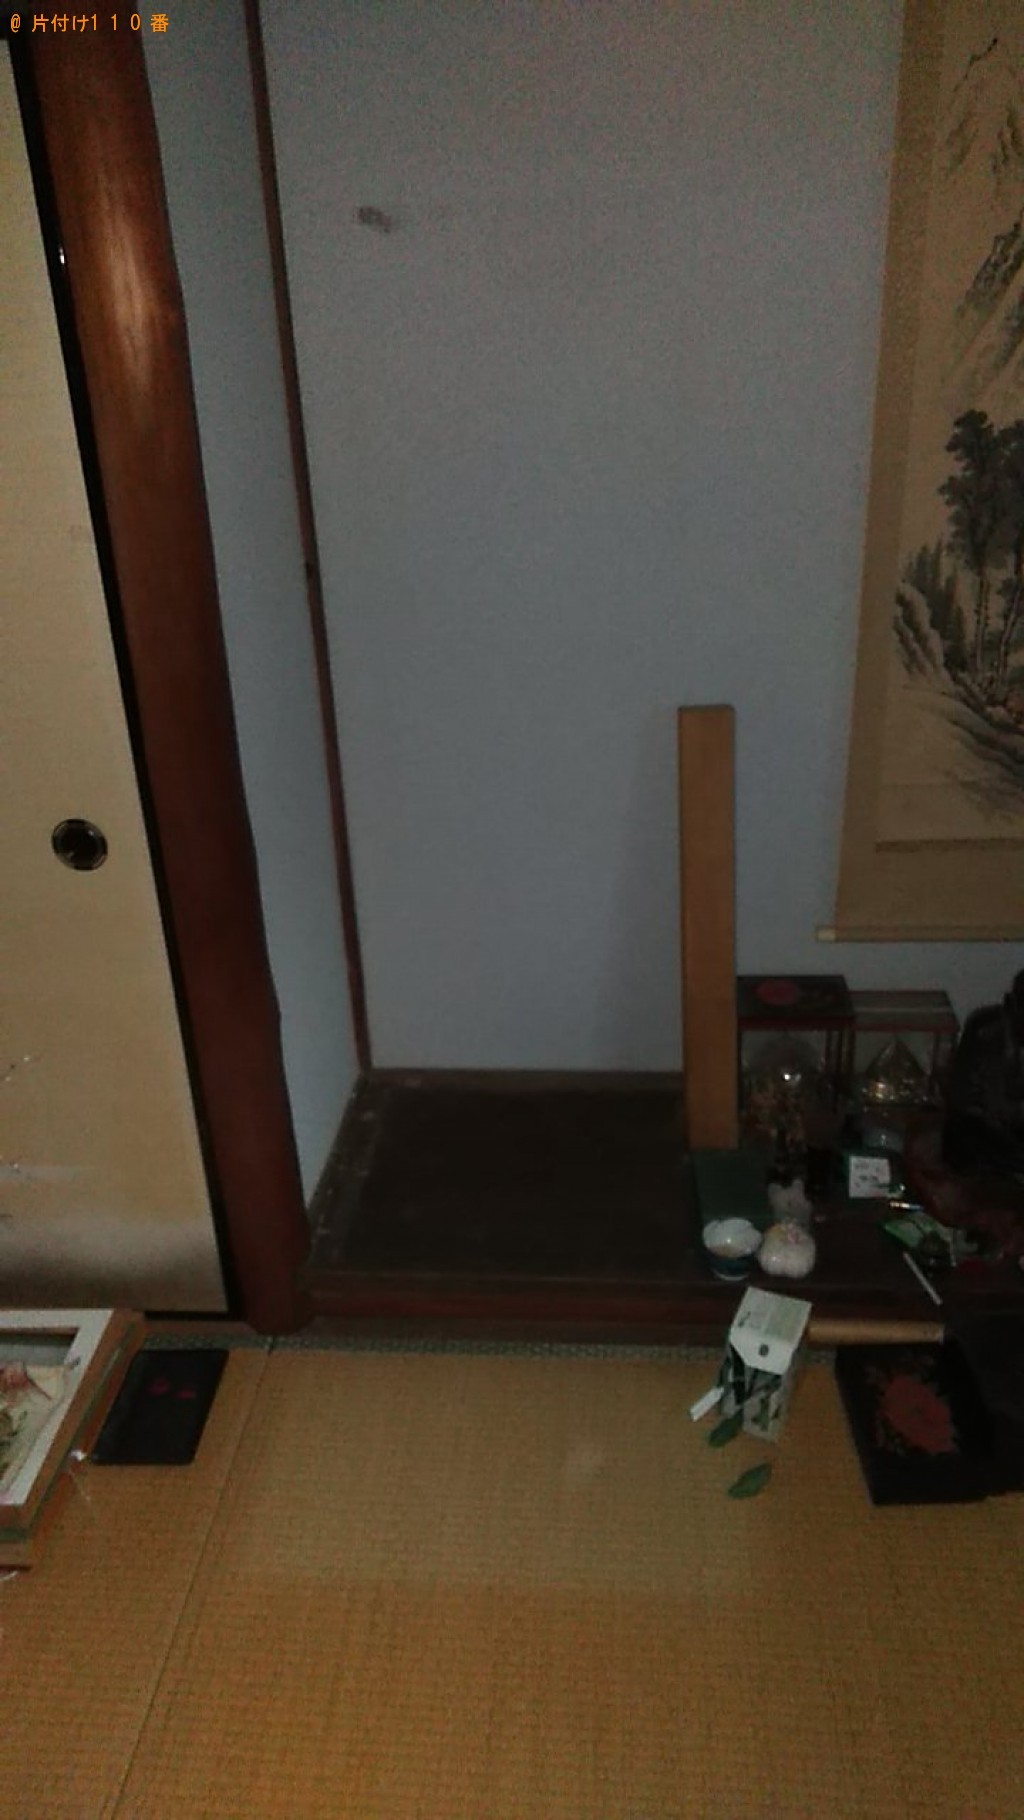 【松山市道後町】仏壇の回収・処分ご依頼 お客様の声